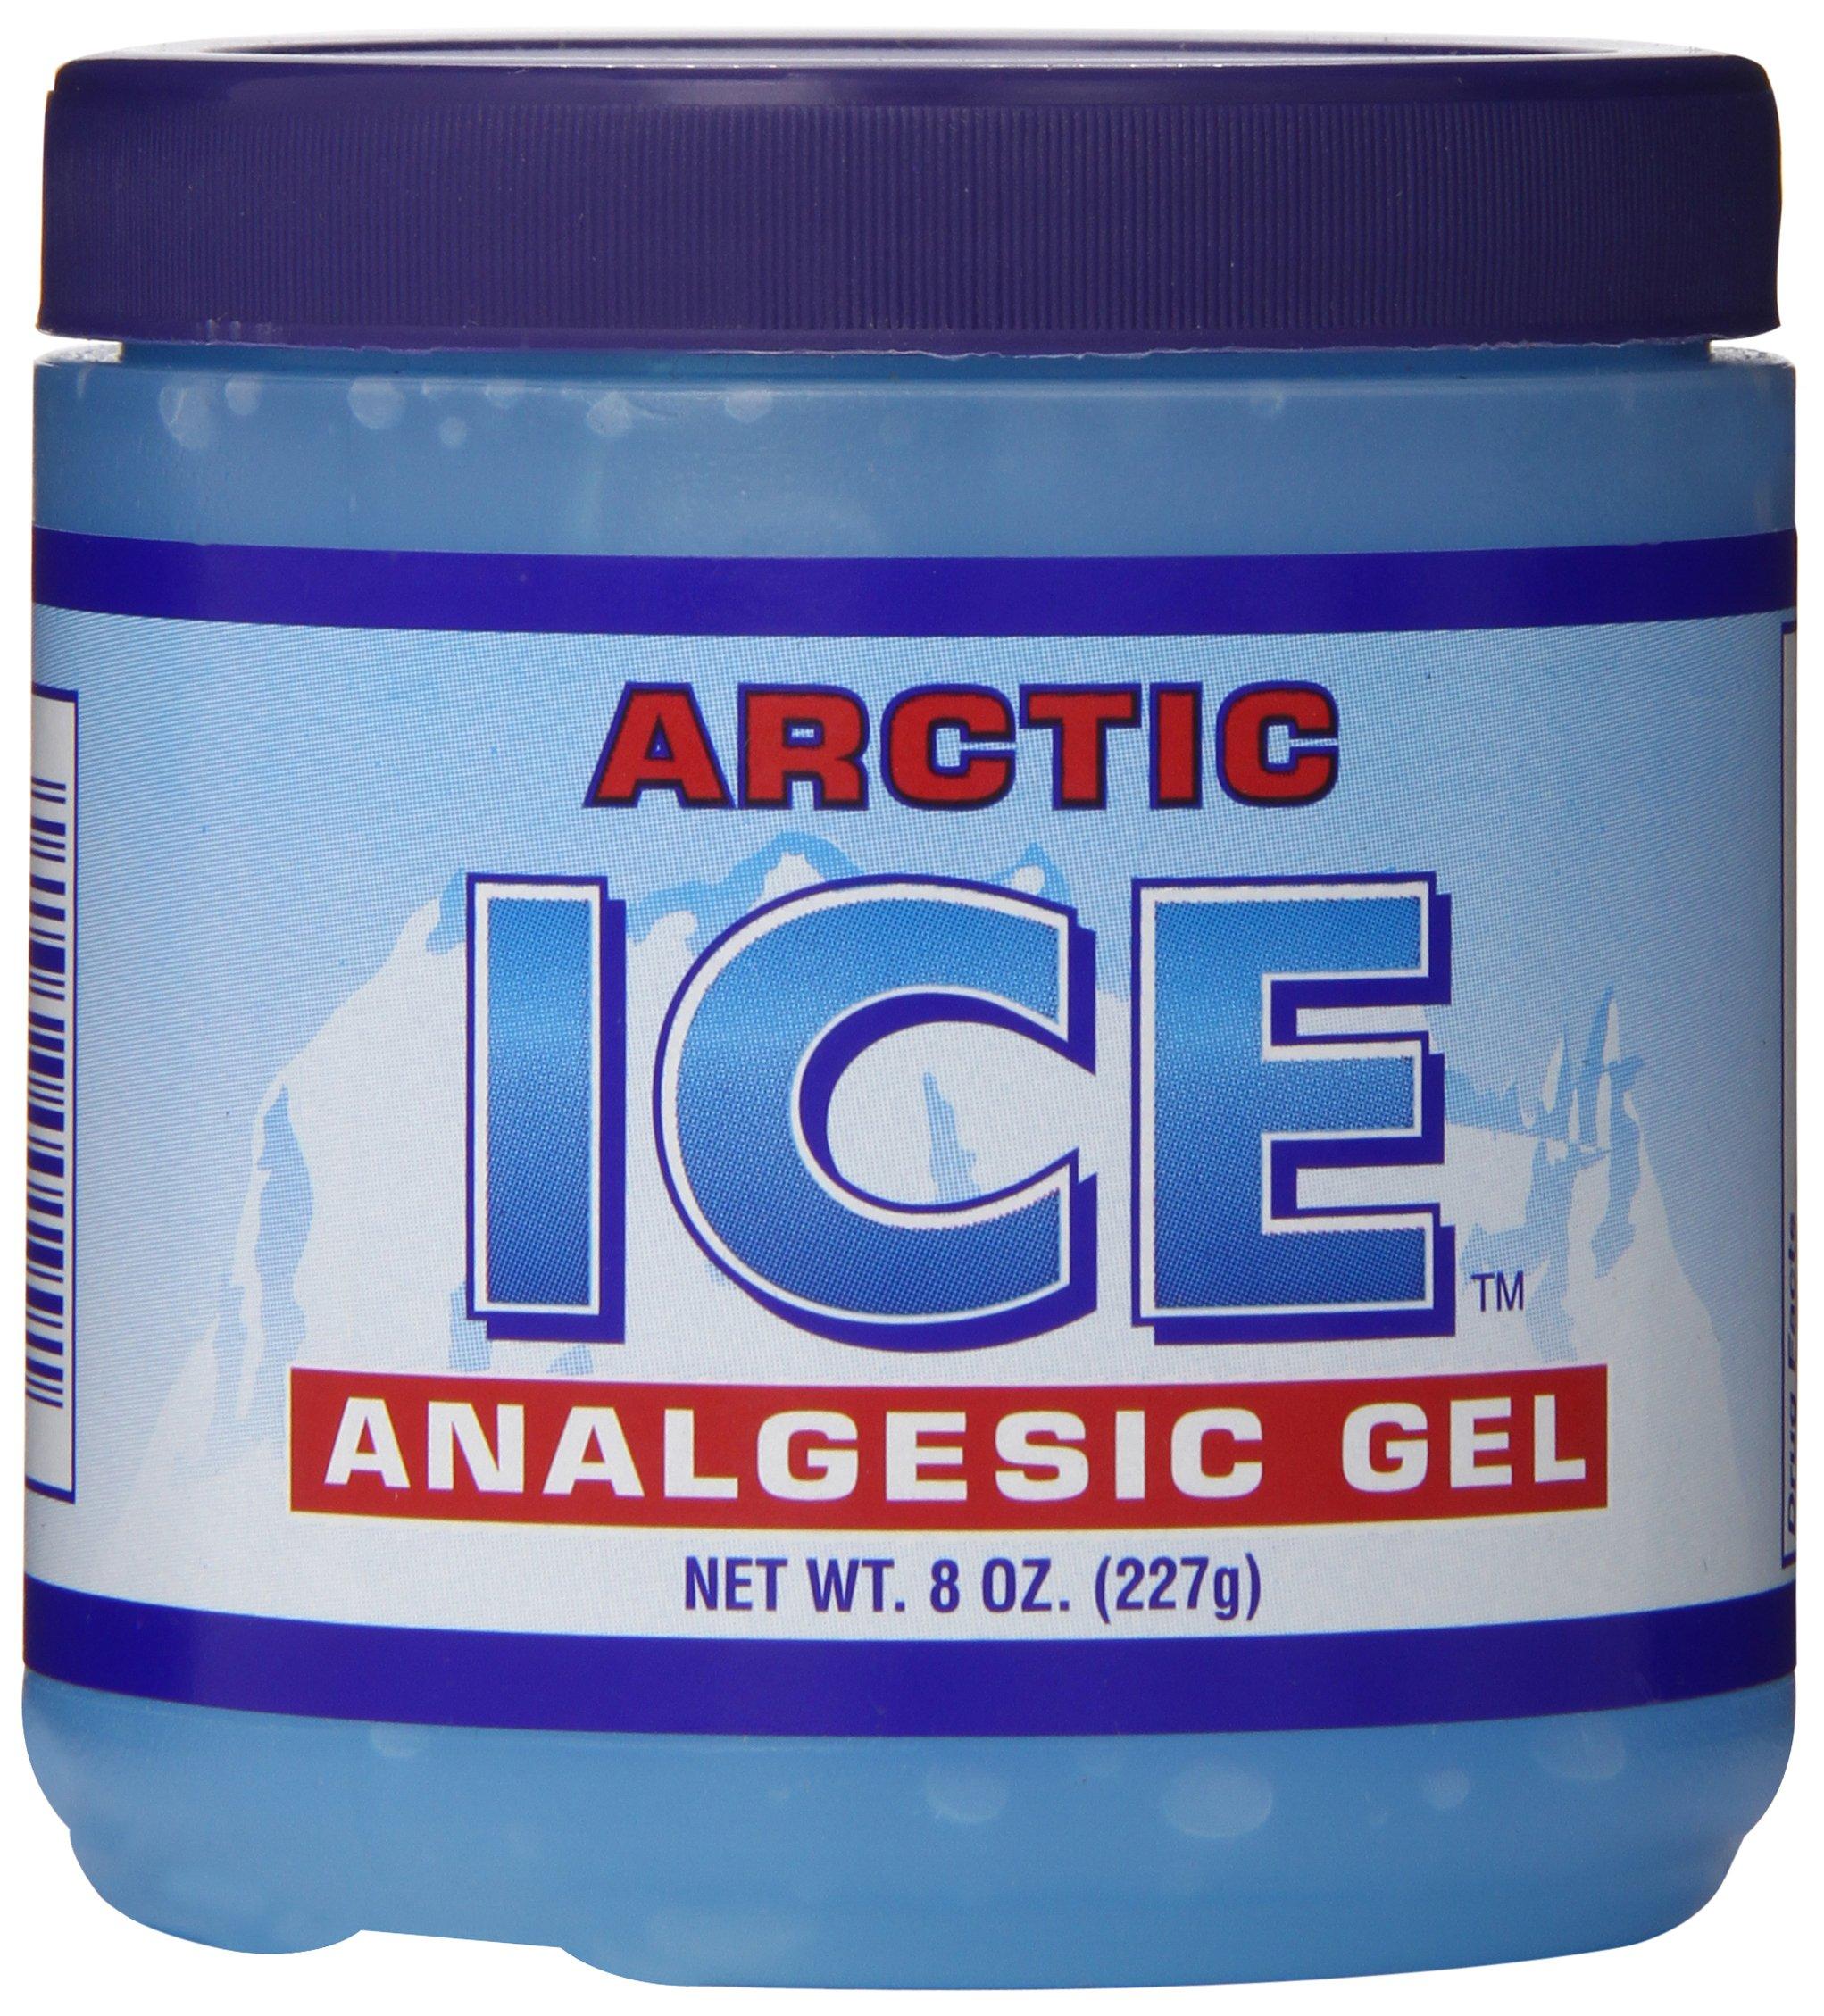 Arctic Ice Analgesic Gel - 8 Oz.